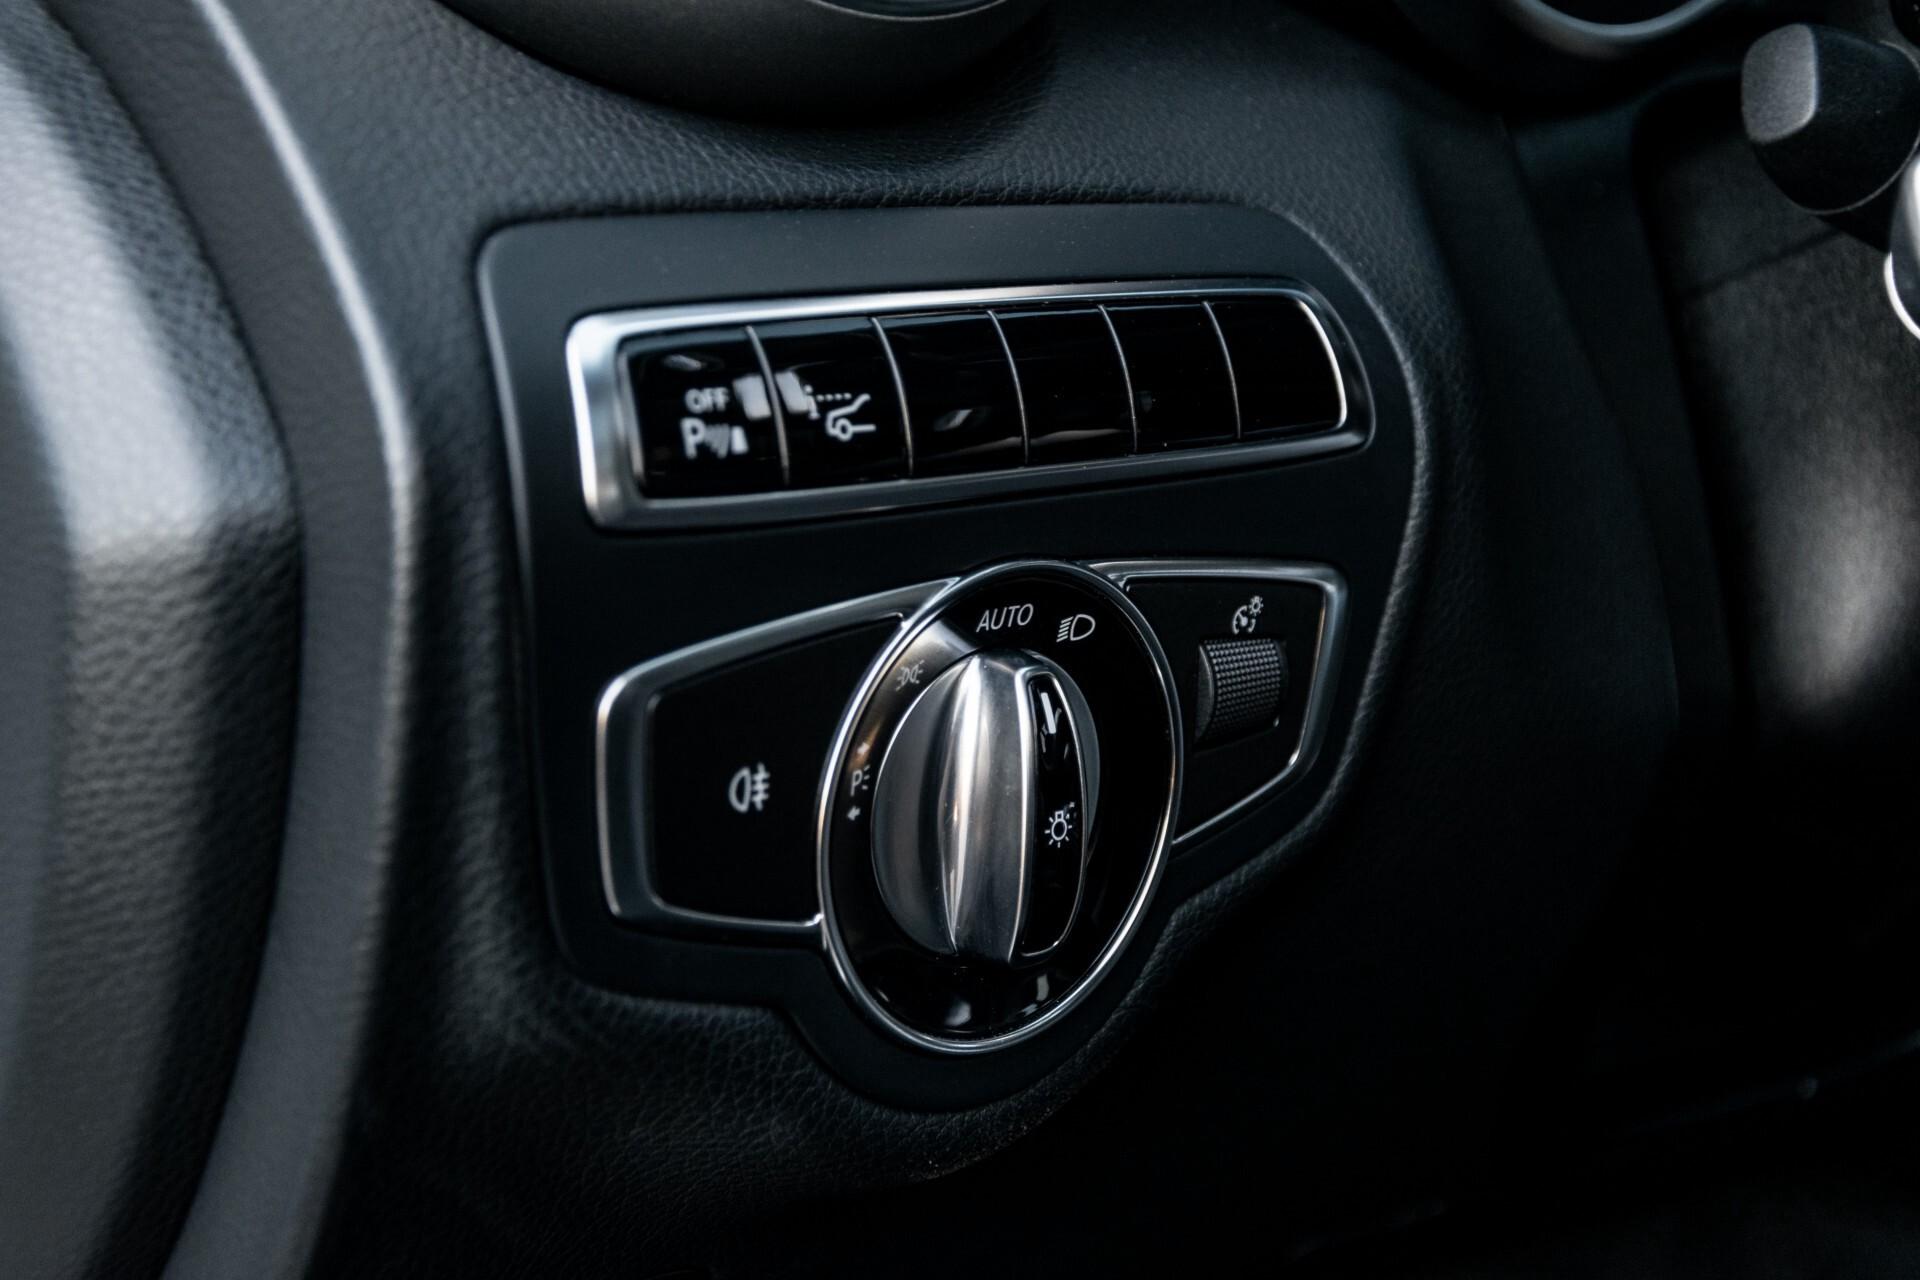 Mercedes-Benz C-Klasse Estate 220 Bluetec AMG Panorama/HUD/Memory Aut7 Foto 28